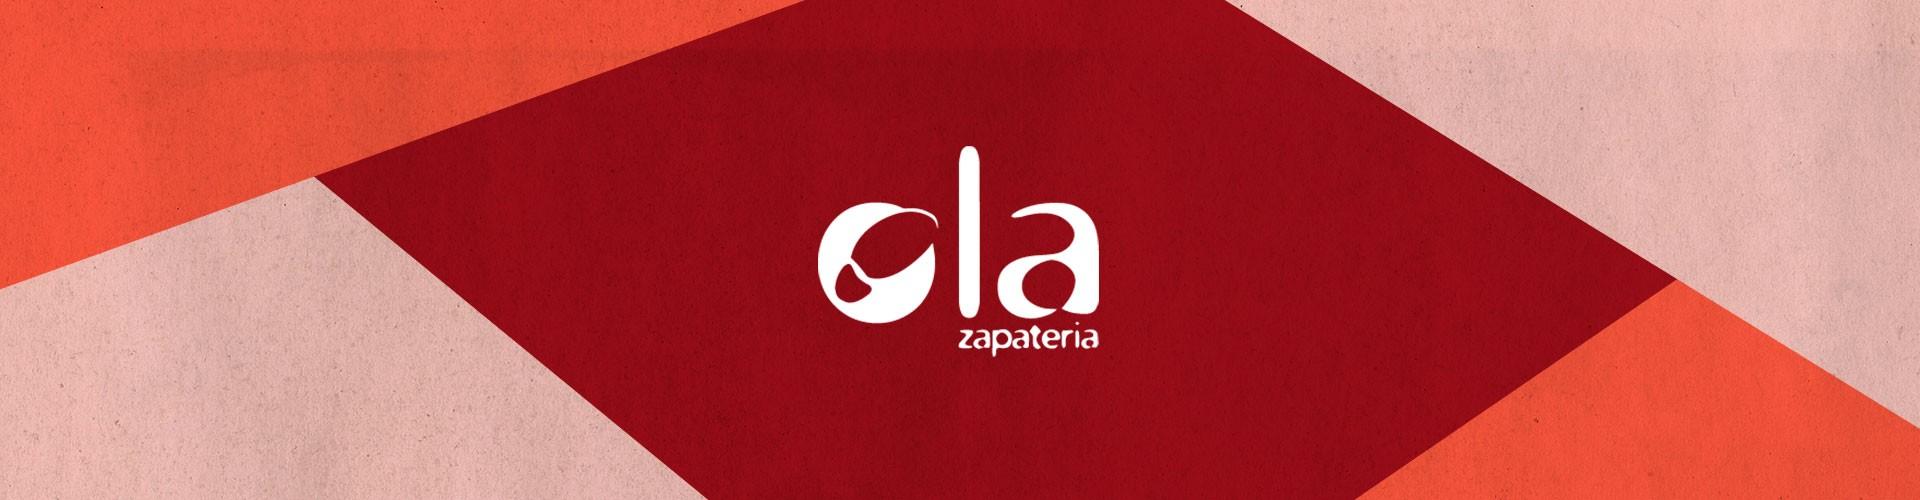 Ola Zapatería